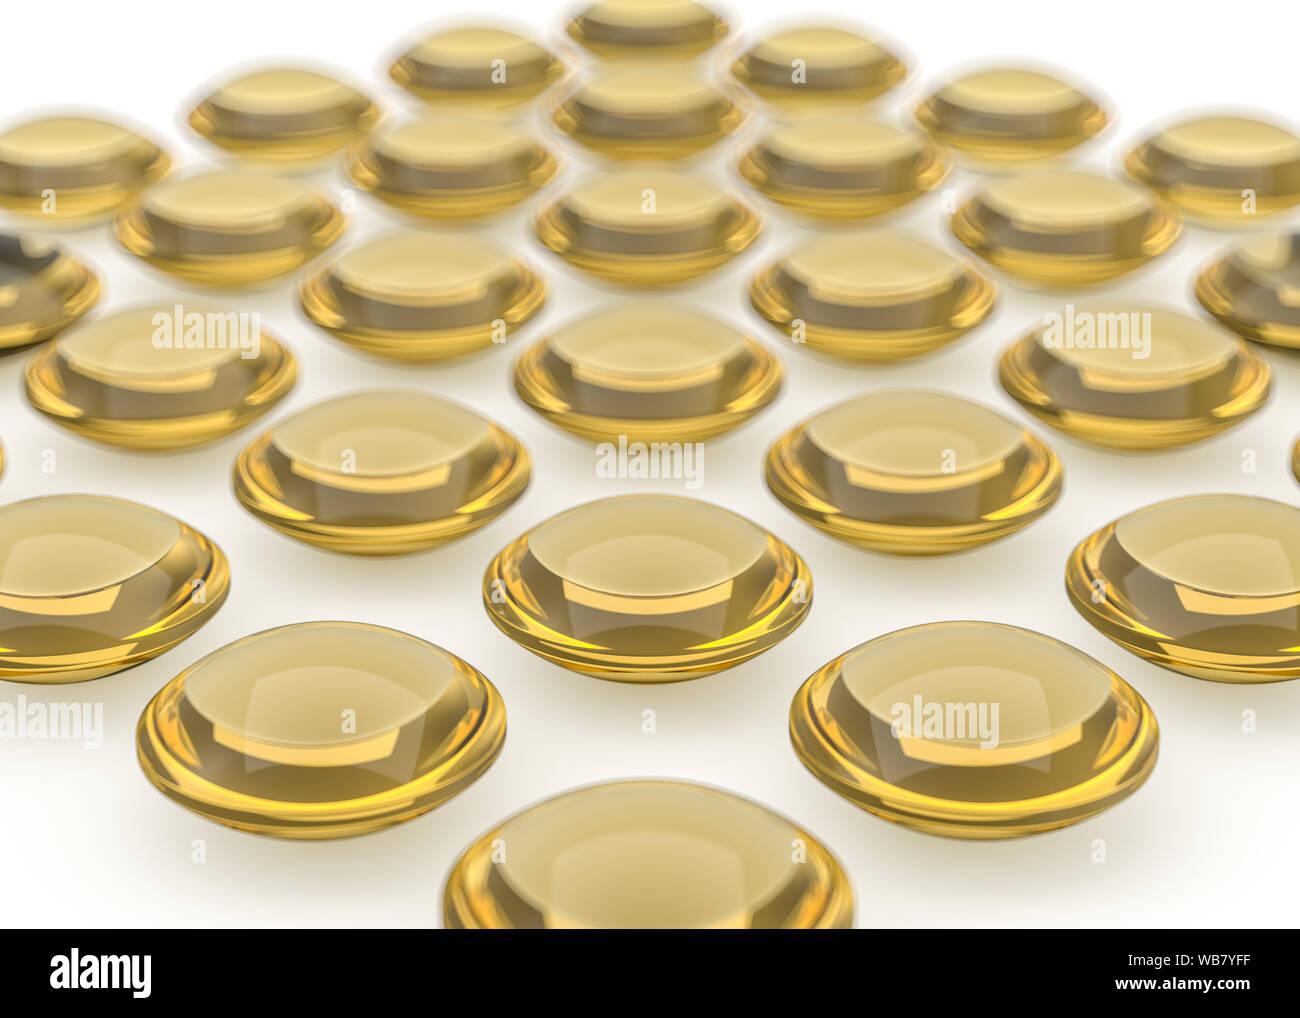 Cápsula llustration satinado. Imagen dorada con reflejos y sombras. Cosméticos, farmacéuticos y médicos concepto. 3D rendering Foto de stock